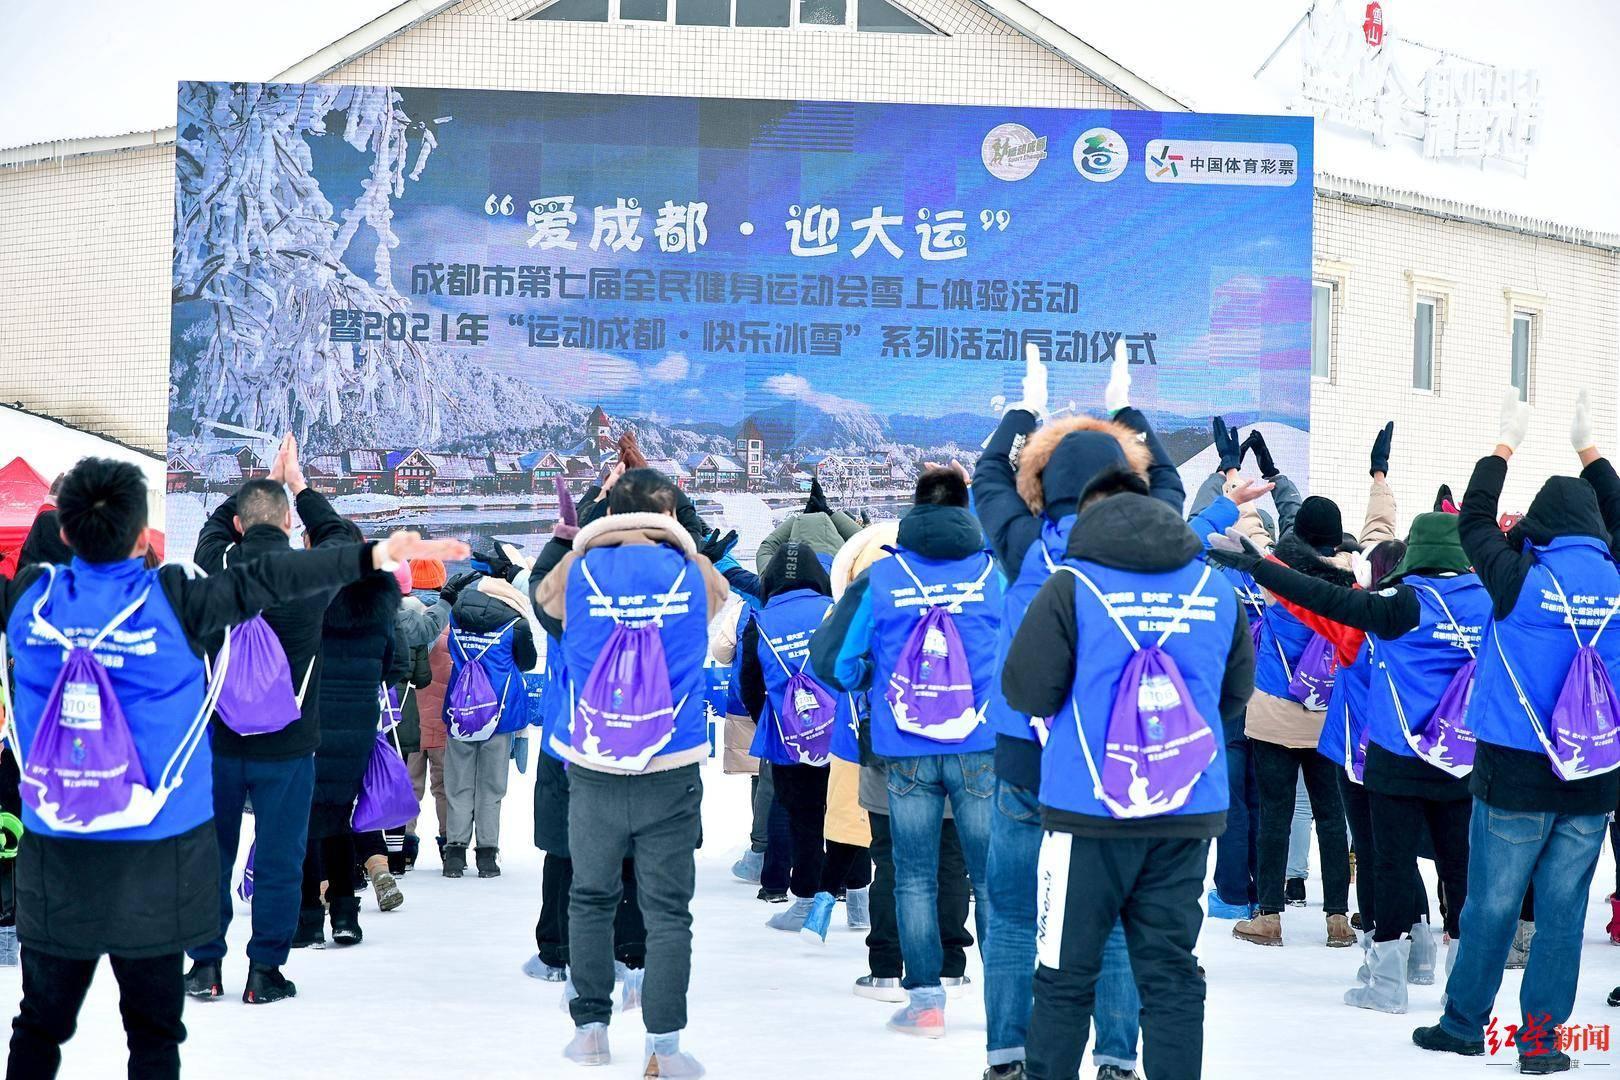 """瑞雪迎大运  """"运动成都•快乐冰雪""""系列活动开启"""